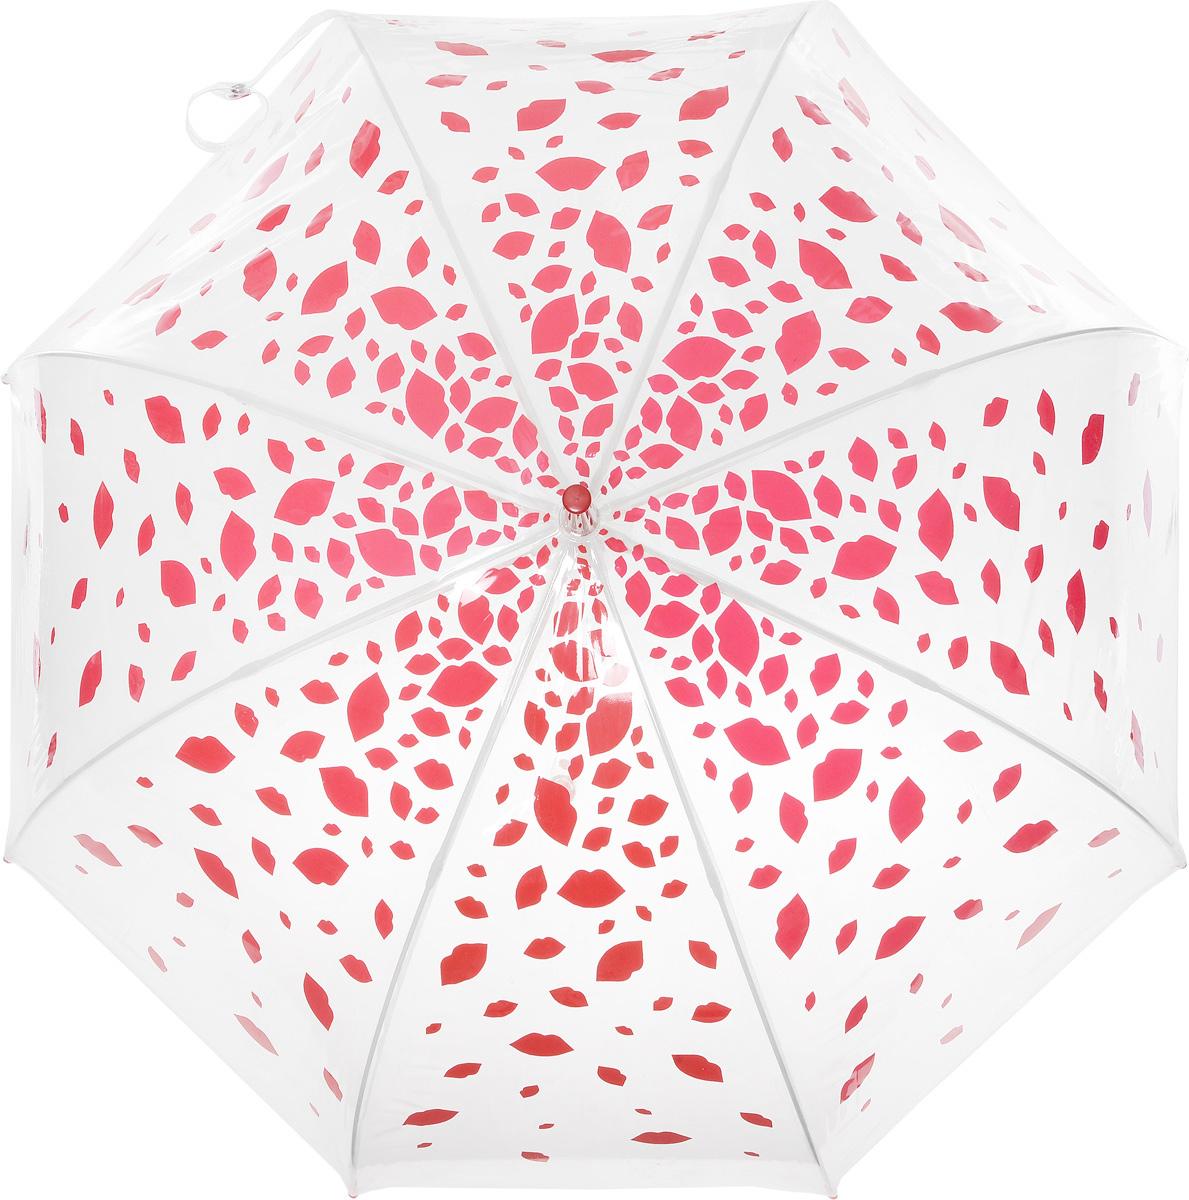 Зонт-трость женский Lulu Guinness Birdcage, механический, цвет: прозрачный, красный. L719-3177REM12-BLACKНеобычный механический зонт-трость Lulu Guinness Birdcage даже в ненастную погоду позволит вам оставаться модной и элегантной. Каркас зонта включает 8 спиц из фибергласса с пластиковыми наконечниками. Стержень изготовлен из стали. Купол зонта выполнен из высококачественного прозрачного ПВХ и оформлен принтом в виде губок. Изделие дополнено удобной прозрачной рукояткой из пластика с металлическим элементом в верхней части. Пластиковая часть наполнена жидкостью с яркими декоративными элементами в виде губок. Зонт механического сложения: купол открывается и закрывается вручную до характерного щелчка. Модель дополнительно застегивается с помощью хлястика на кнопку.Такой зонт не только надежно защитит вас от дождя, но и станет стильным аксессуаром, который идеально подчеркнет ваш неповторимый образ.